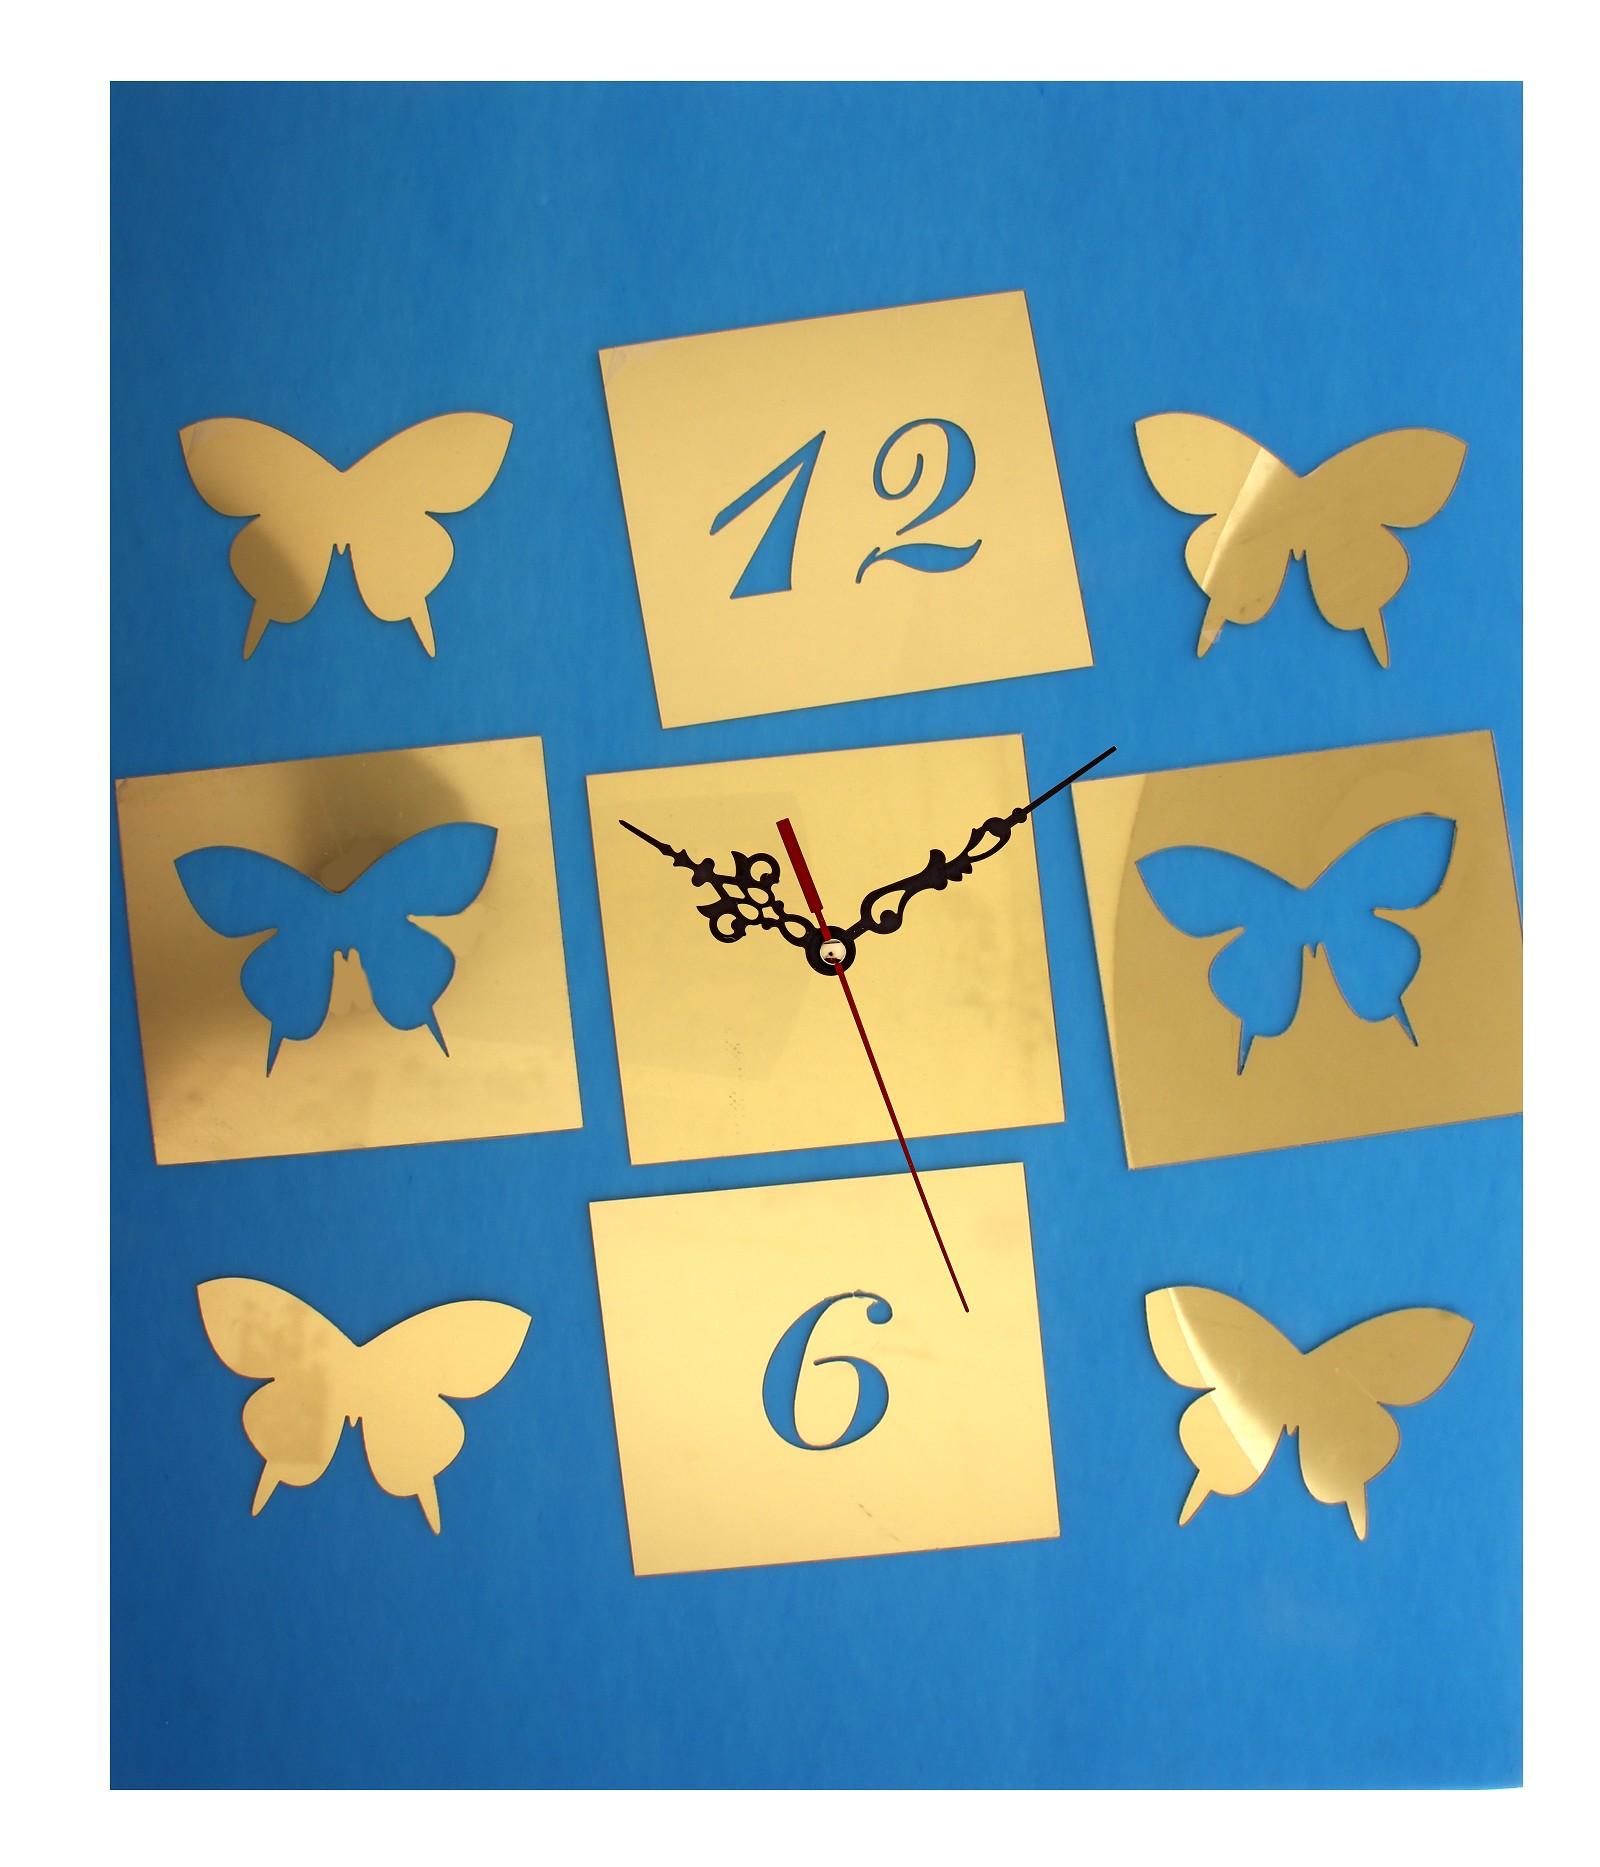 Часы-наклейка Бабочки, 60 х 44 см 729553300074_ежевикаЧасы-наклейка Бабочки изготовлены из пластика золотистого цвета с глянцевой поверхностью. Часы выполнены в виде круглого основания (циферблат), в которое вставляется часовой механизм со стрелками. Для большего декоративного эффекта к основанию прилагаются дополнительные наклейки в виде бабочек.Если Вы – любитель перестановок или вам приходится часто переезжать, то часы-наклейка многоразового использования – это то, что вам нужно: они не требуют гвоздей в стене и фиксации на одном месте.Легкие и компактные они украсят интерьер и никогда не примелькаются. Характеристики:Материал: пластик. Цвет: золотистый. Диаметр основания: 13 см. Размер композиции: 60 см х 44 см. Длина стрелки: 12 см. Изготовитель: Китай. Артикул: 729553.